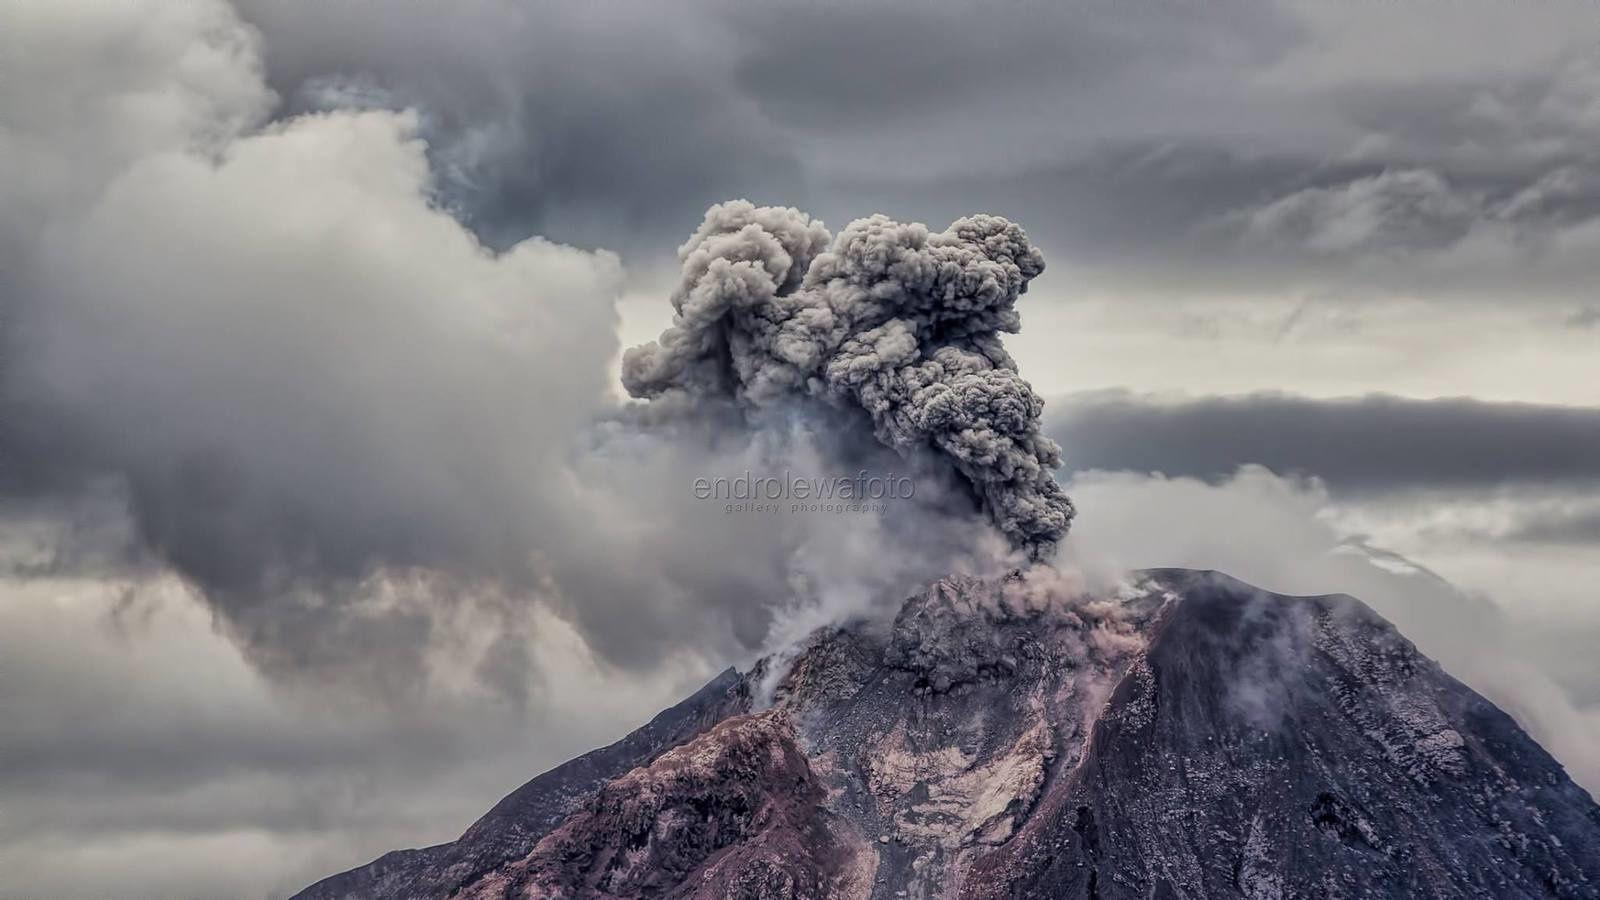 Sinabung - 12.01.2018 / 11h59 WIB - photo Endro Lewa